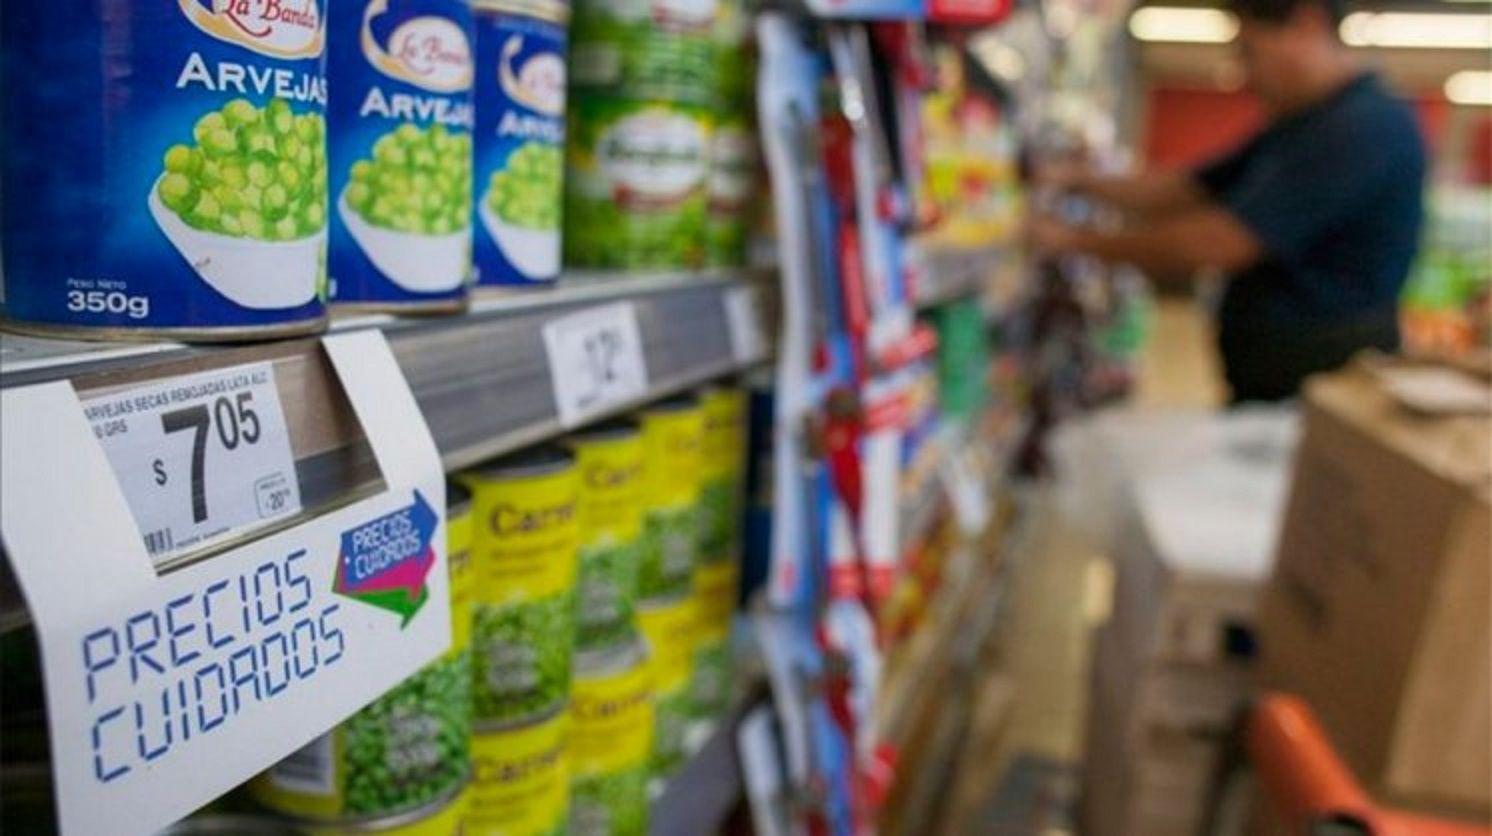 Precios Cuidados se extenderá hasta enero con suba del 1,78%: los nuevos productos